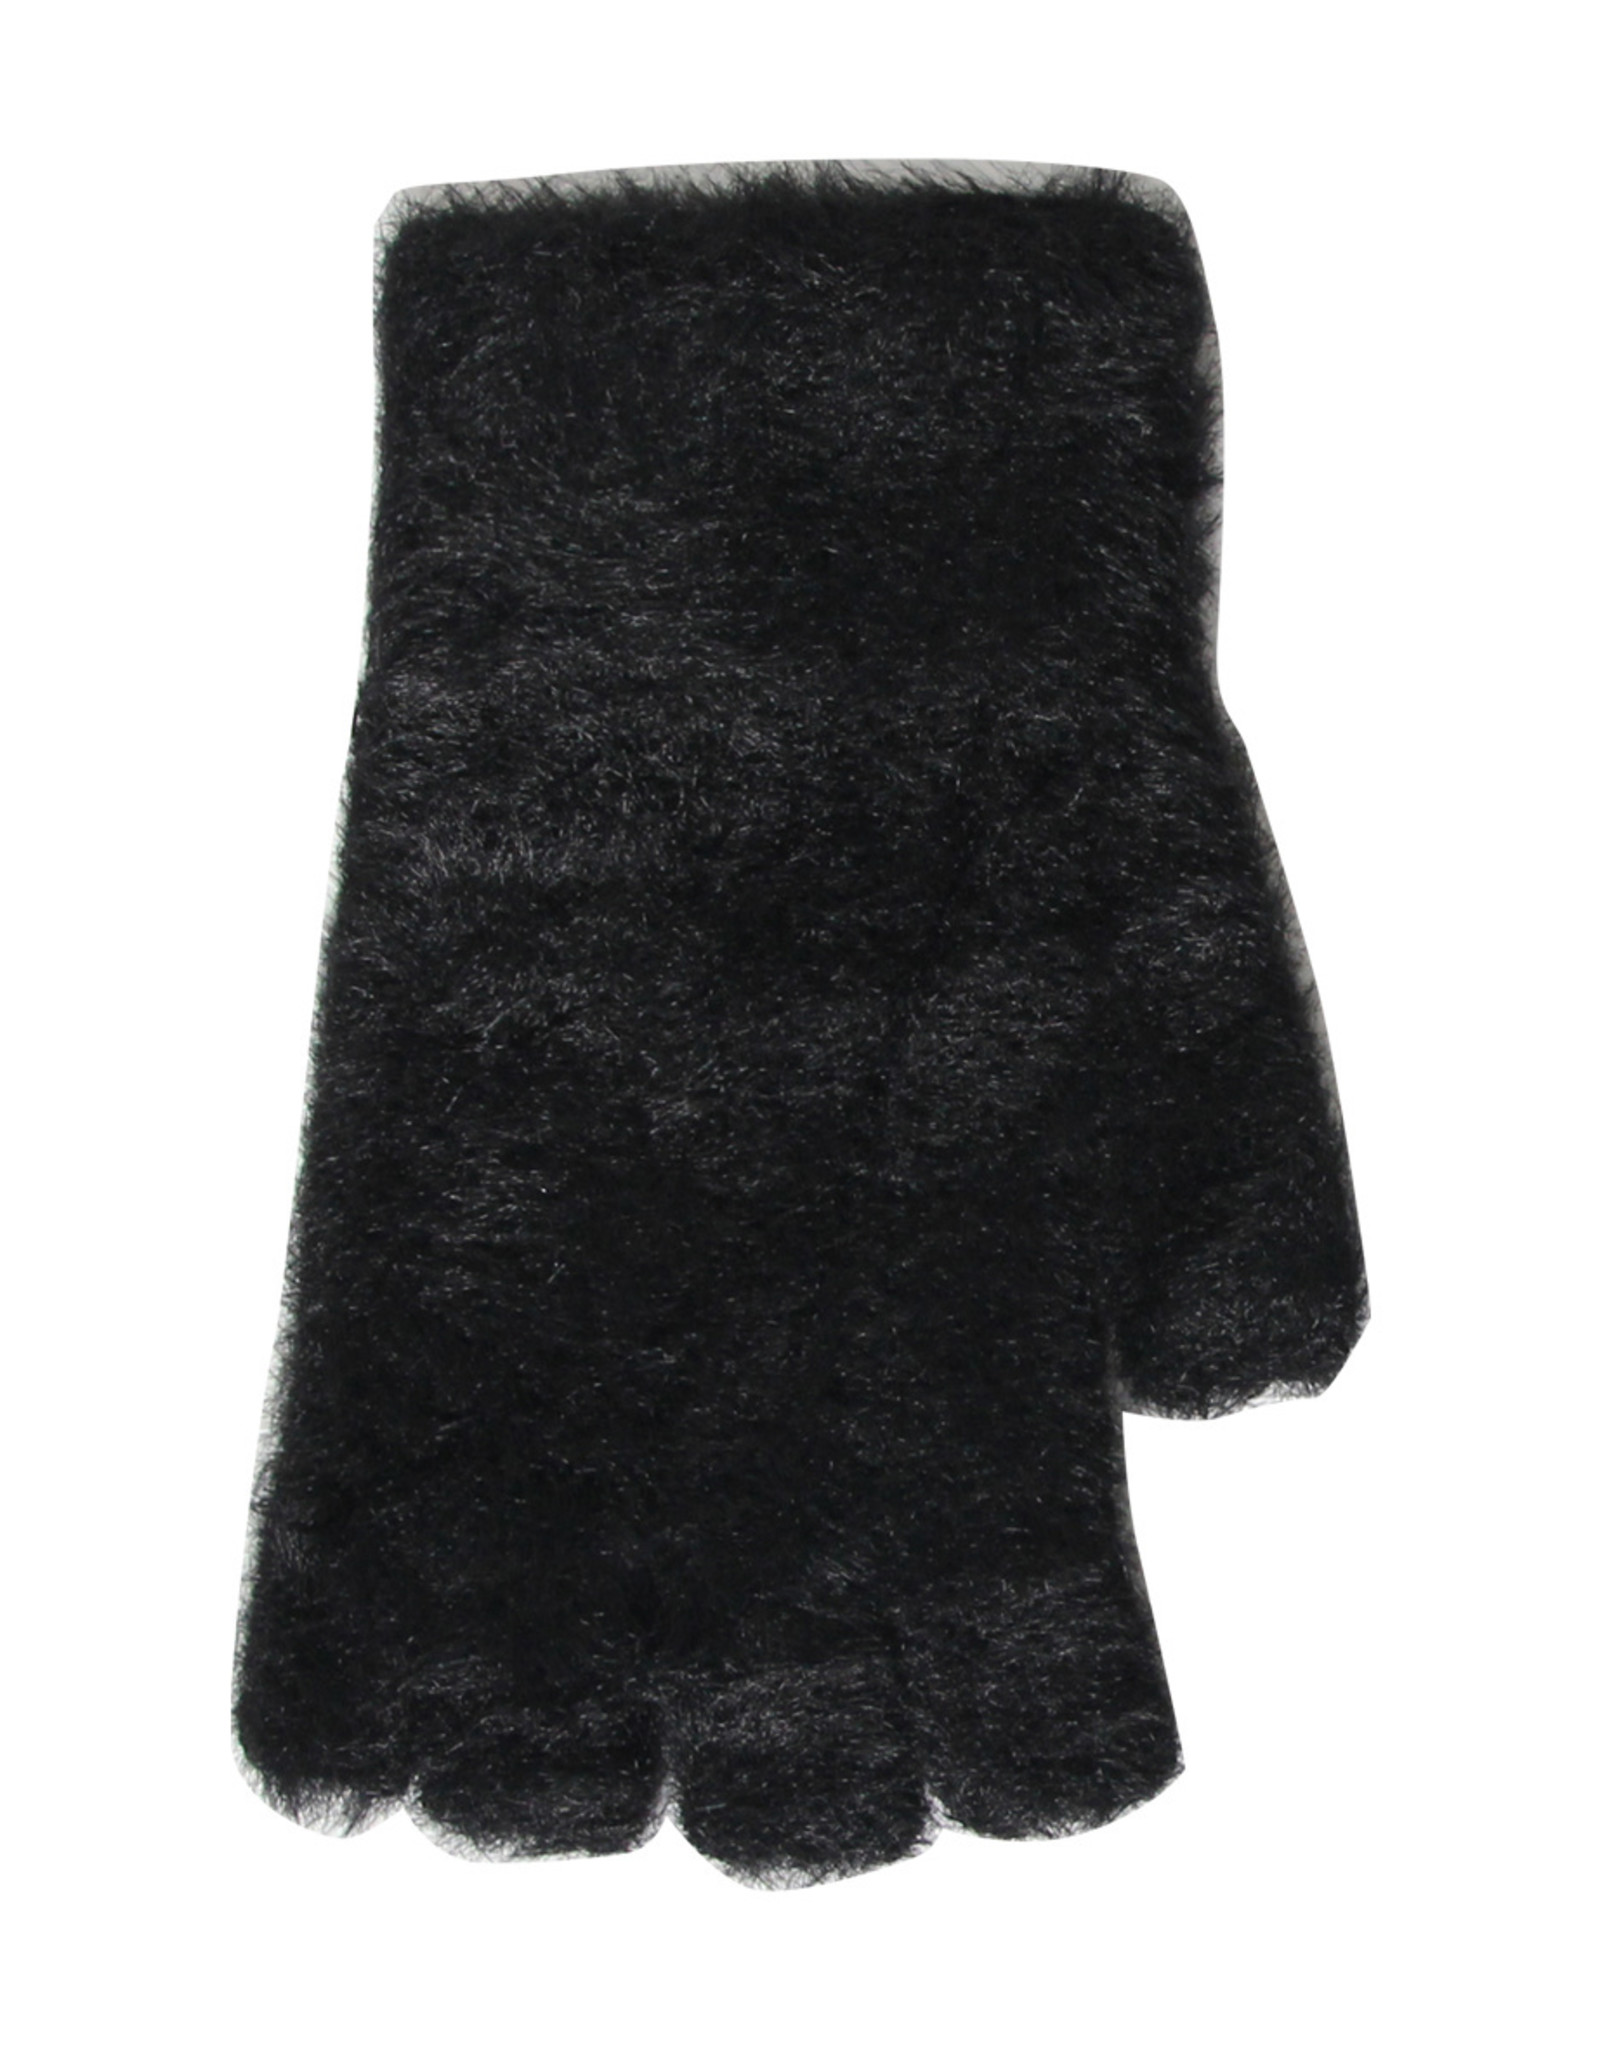 PARIS ES'TYL Faux Fur Fingerless Gloves